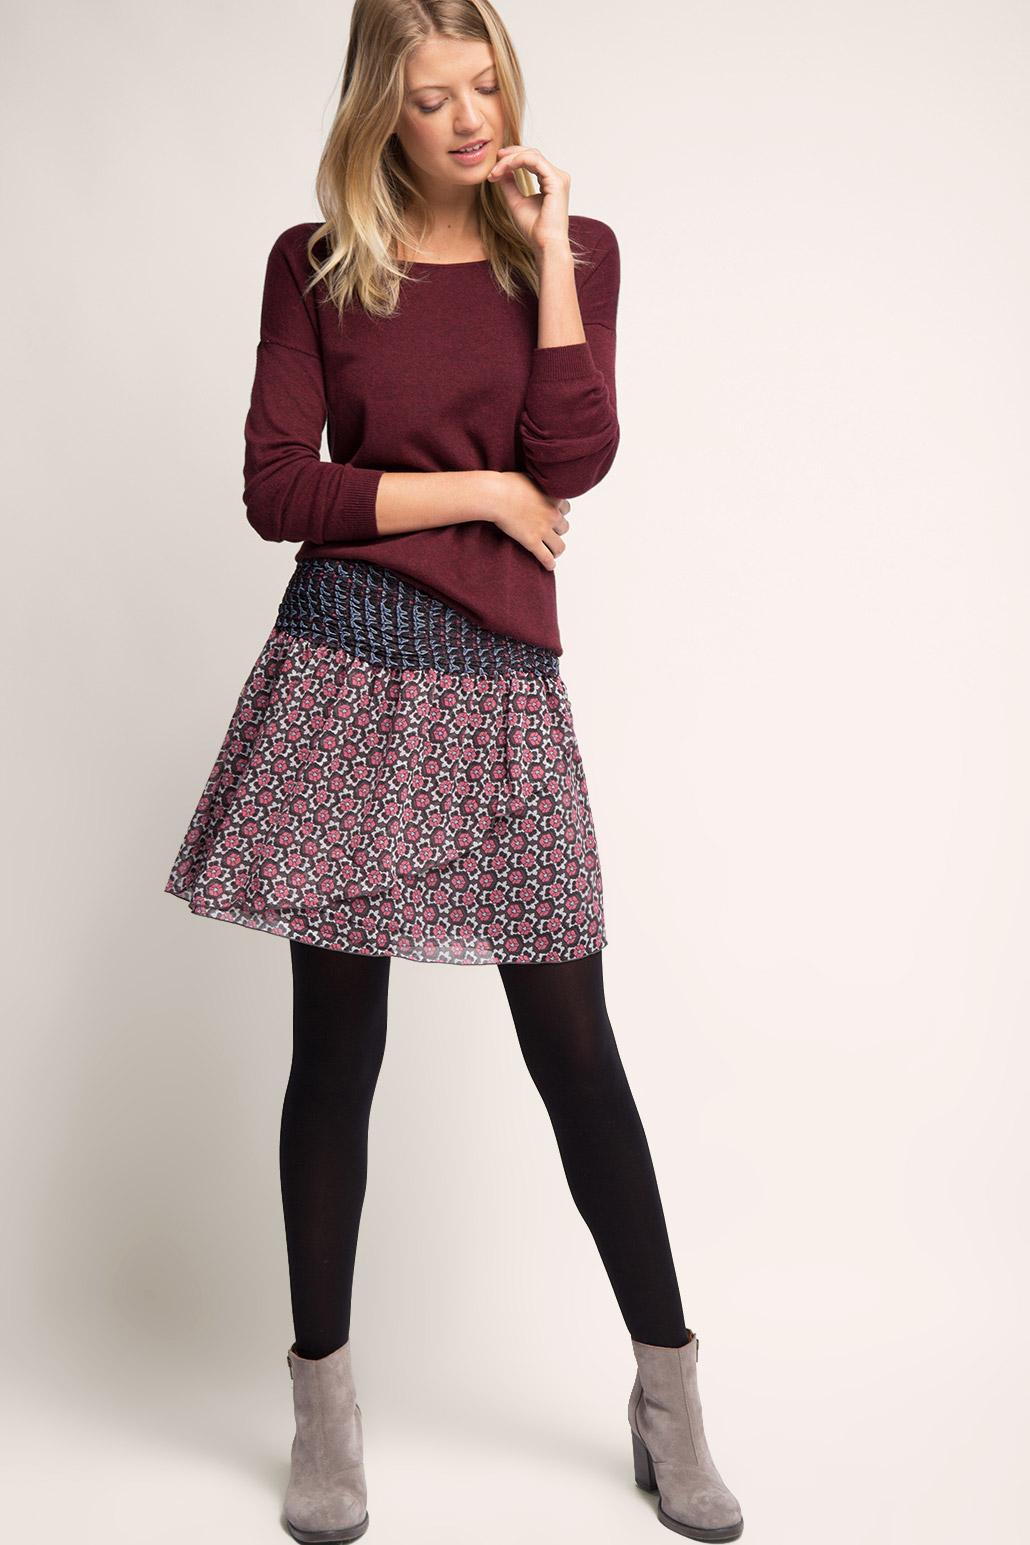 ccc43a9974e В качестве отделки актуальных моделей юбок этой зимой и весной выступает  крой. В моде подол асимметричной формы